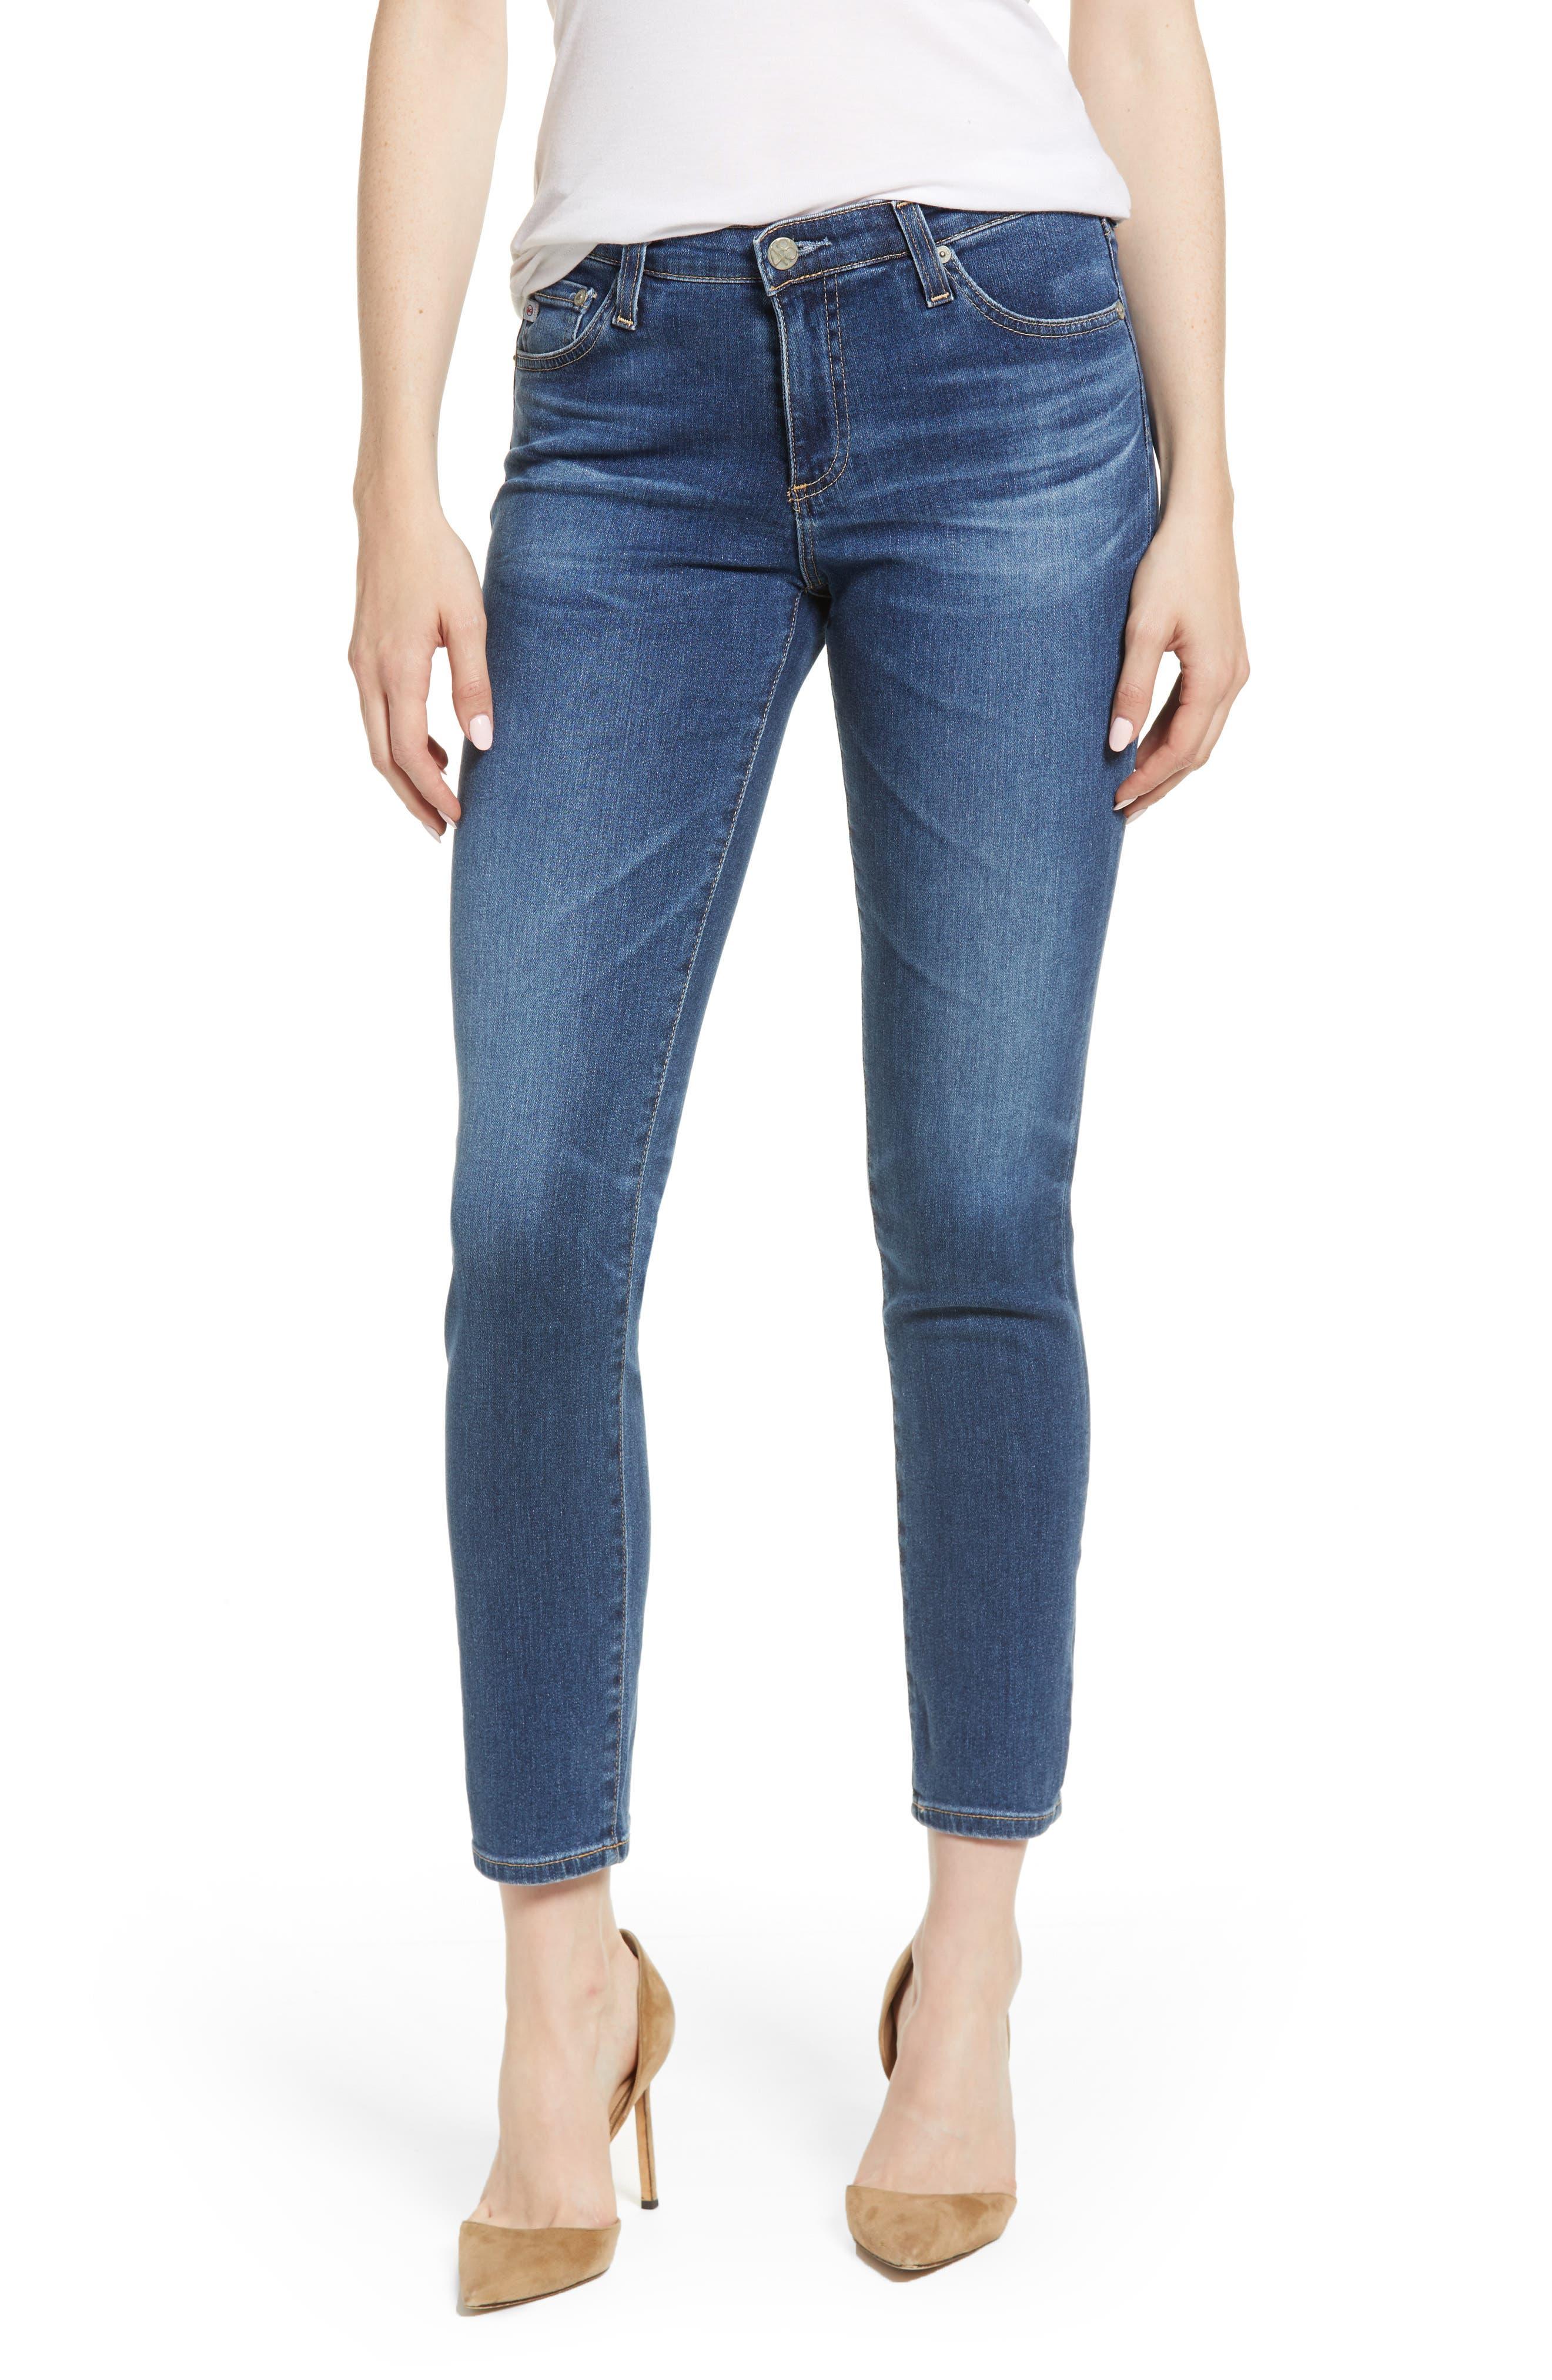 Prima Ankle Cigarette Jeans,                         Main,                         color, 8 YEARS BLUE PORTRAIT